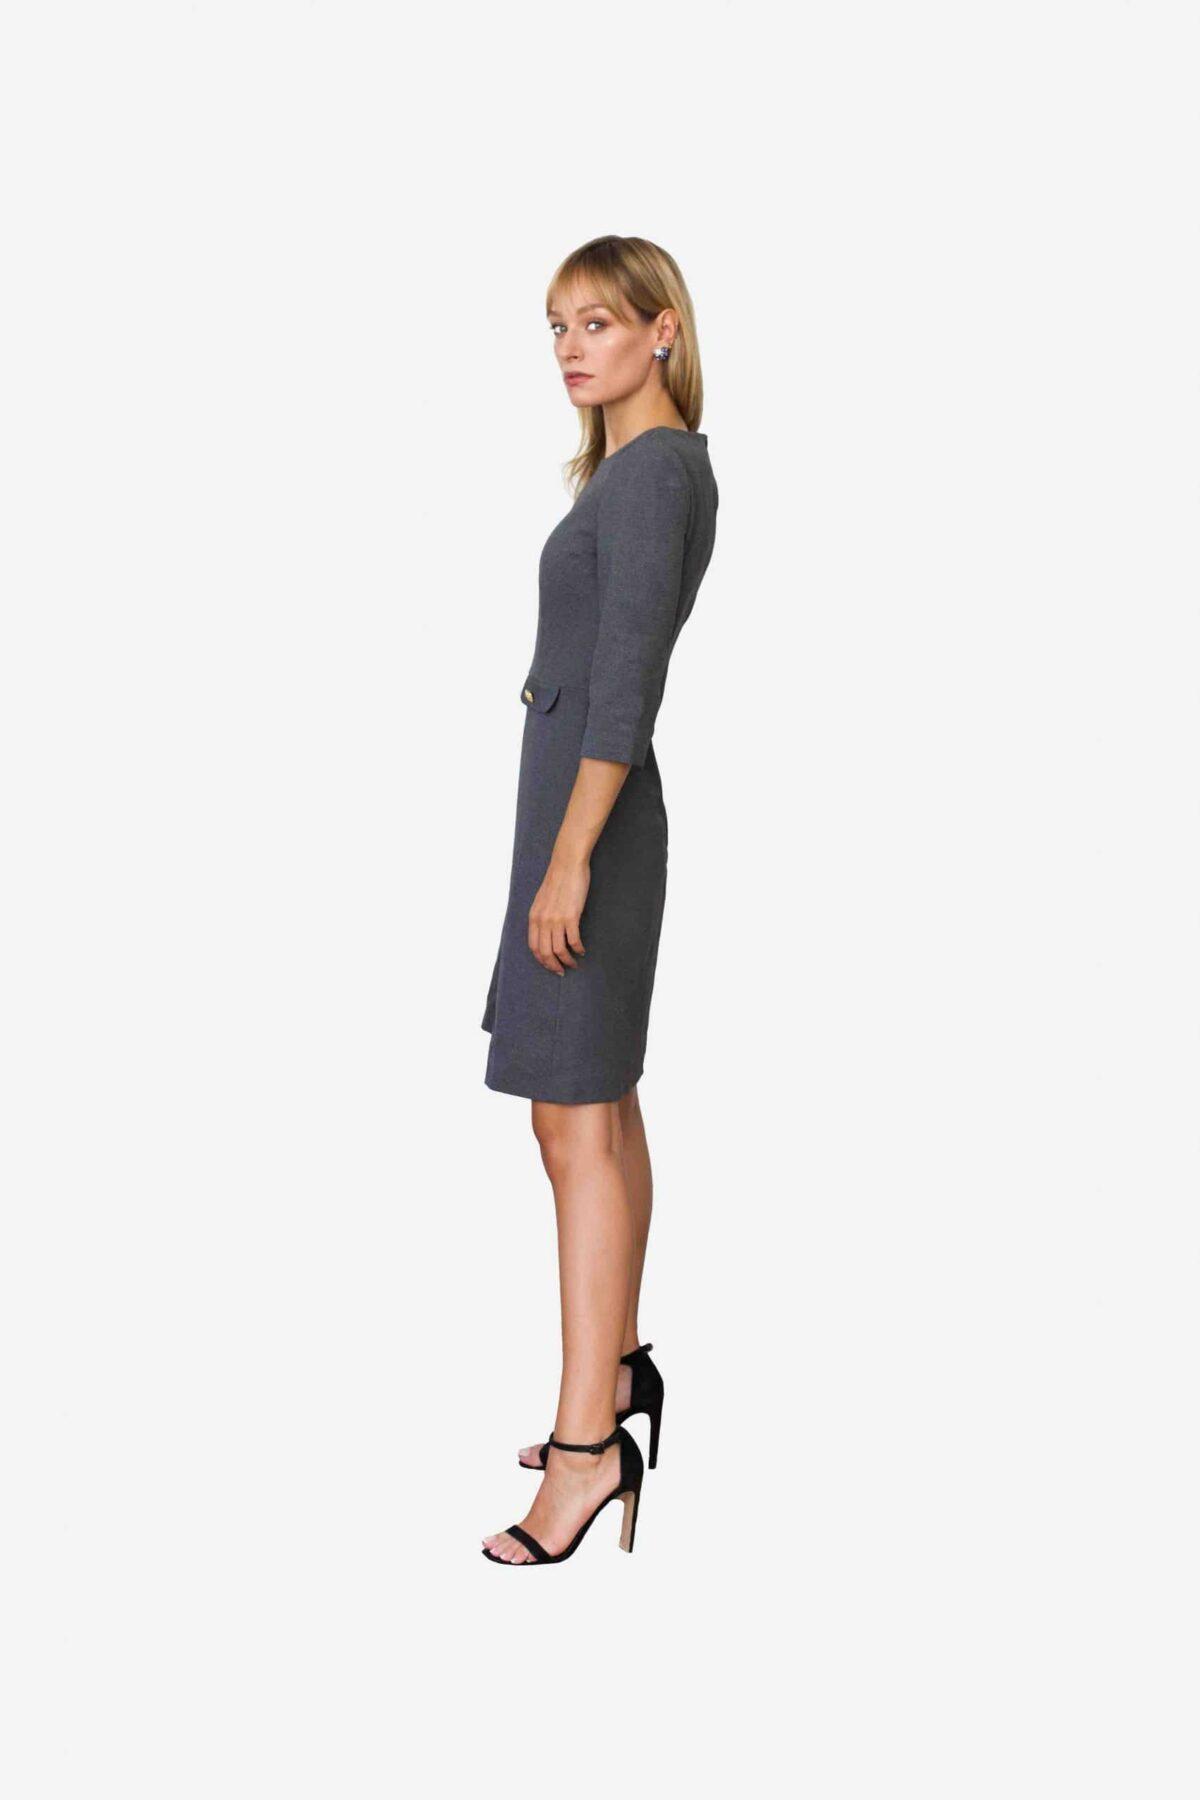 Designerkleid Alison von SANOGE. Musst Have für die exklusive Garderobe der Business Dame